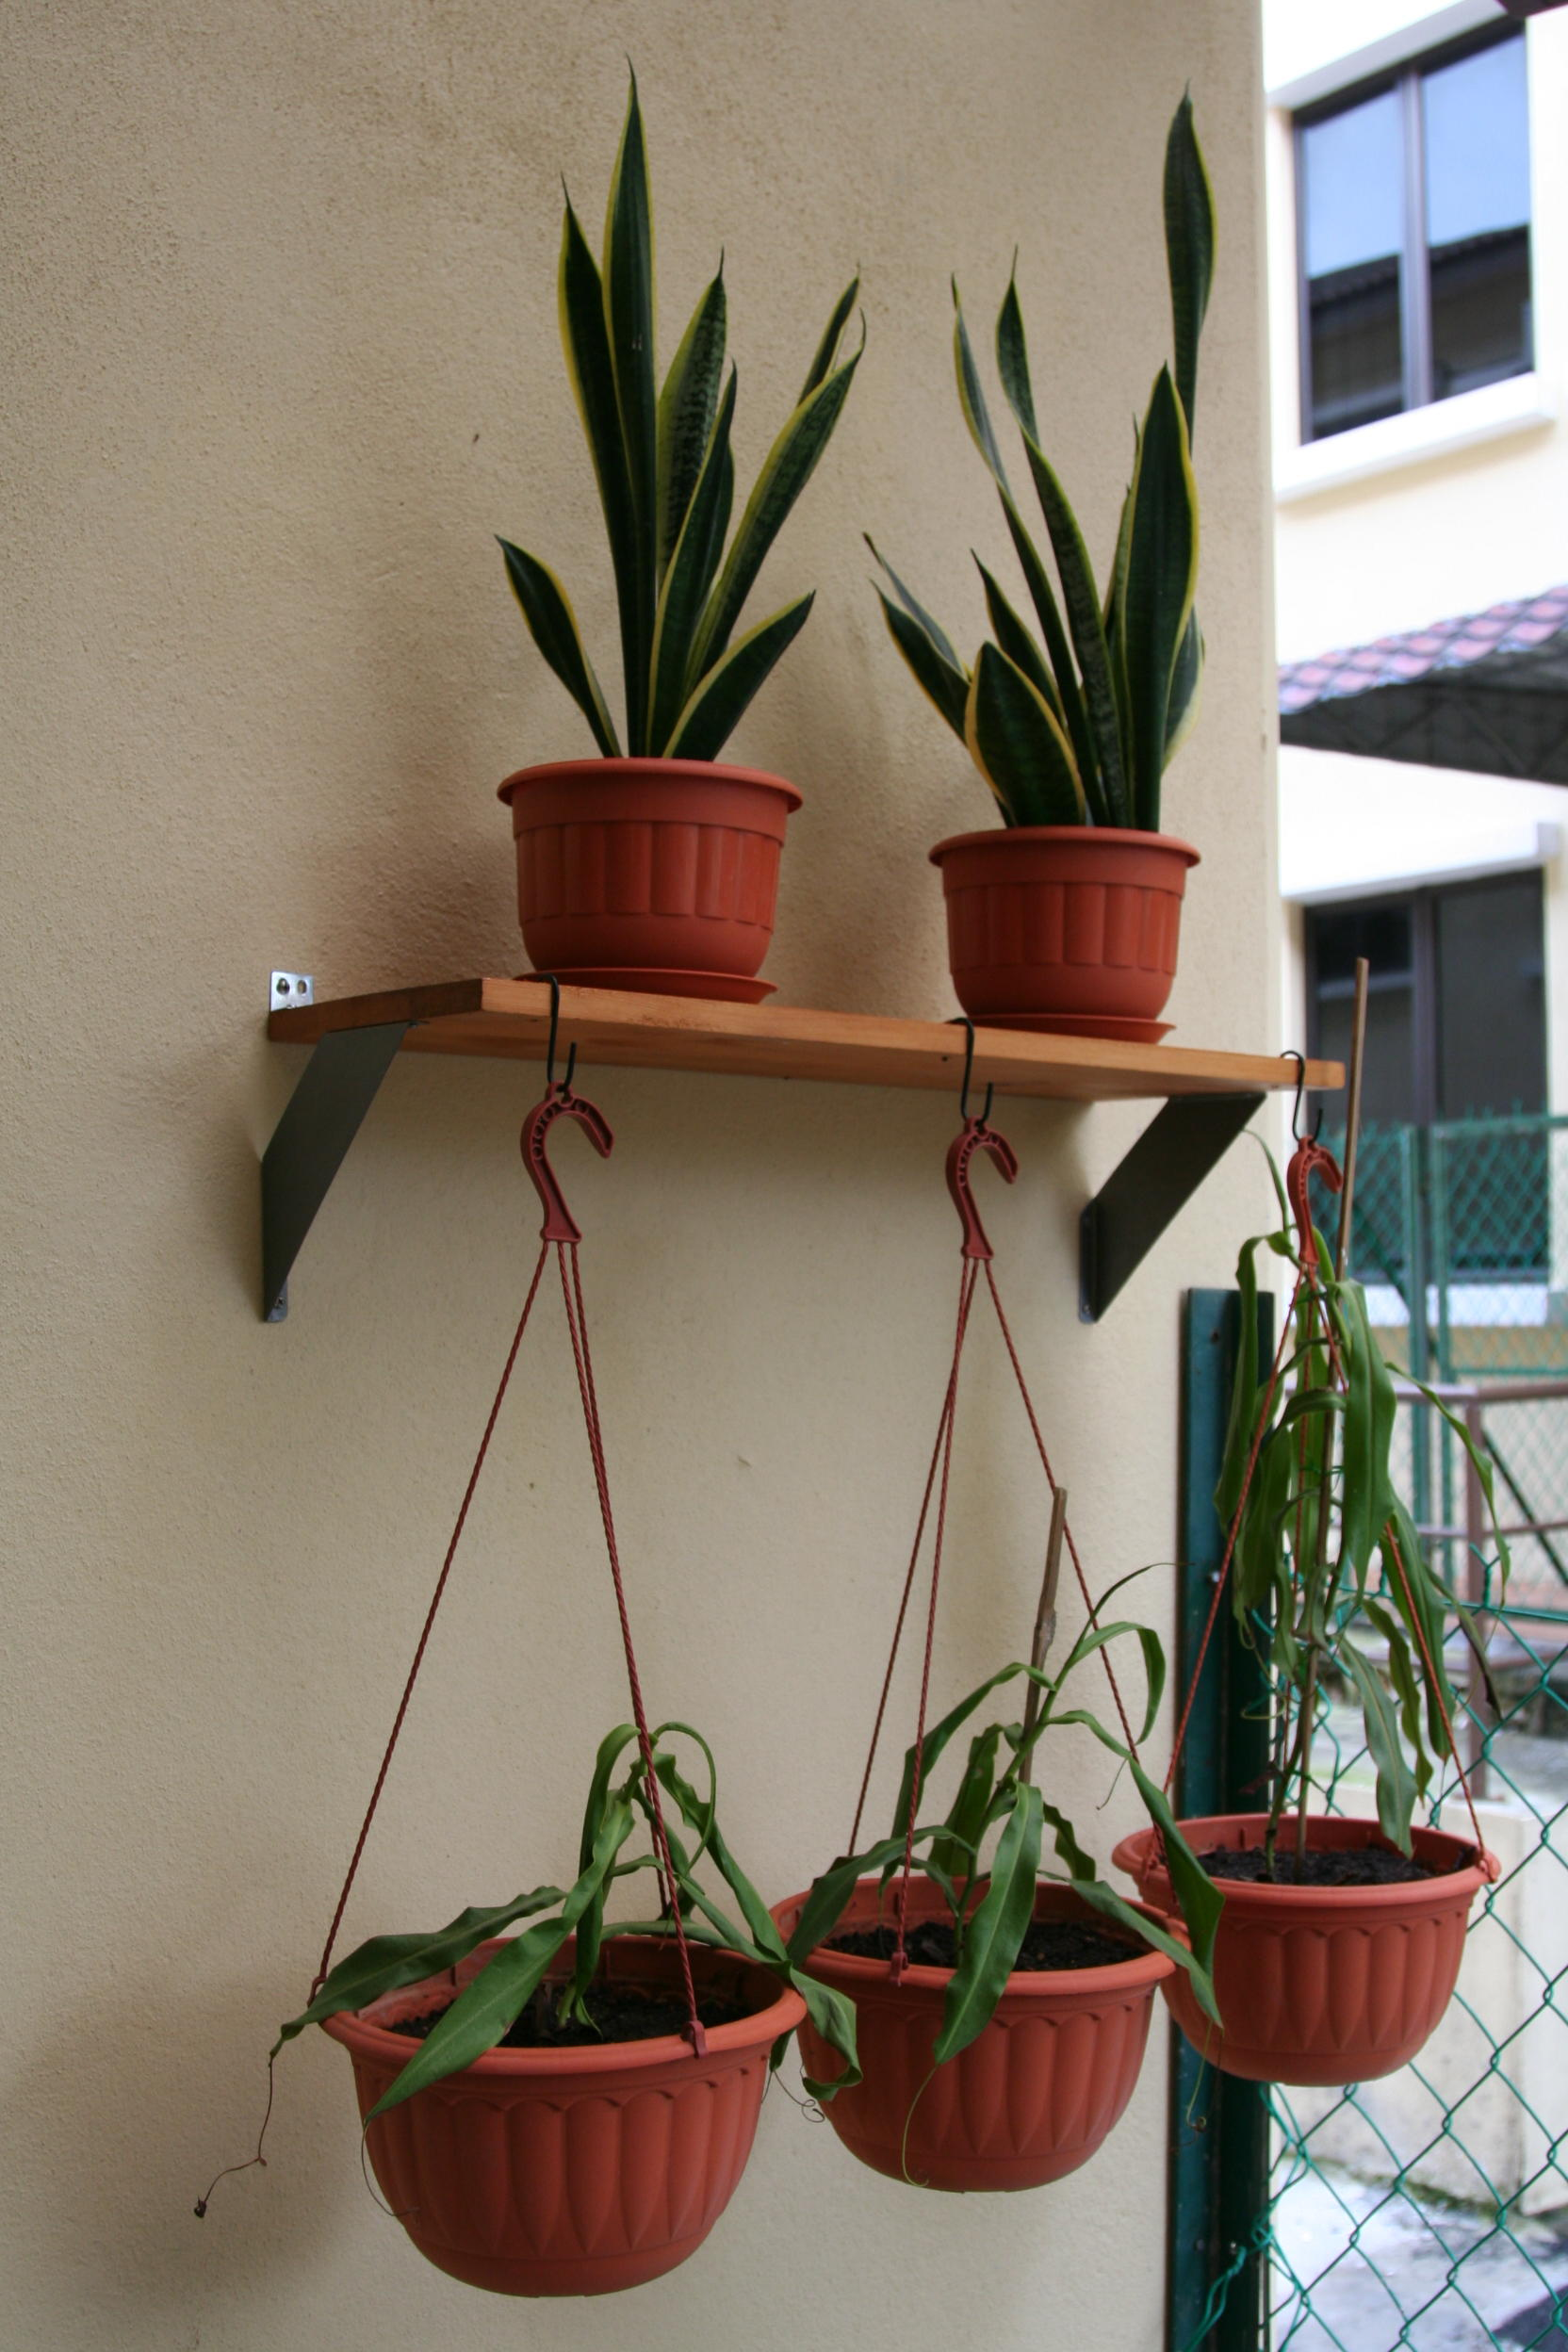 Picture of IKEA Fabian Shelf Turned Into a Cheap Hanging Garden Shelf